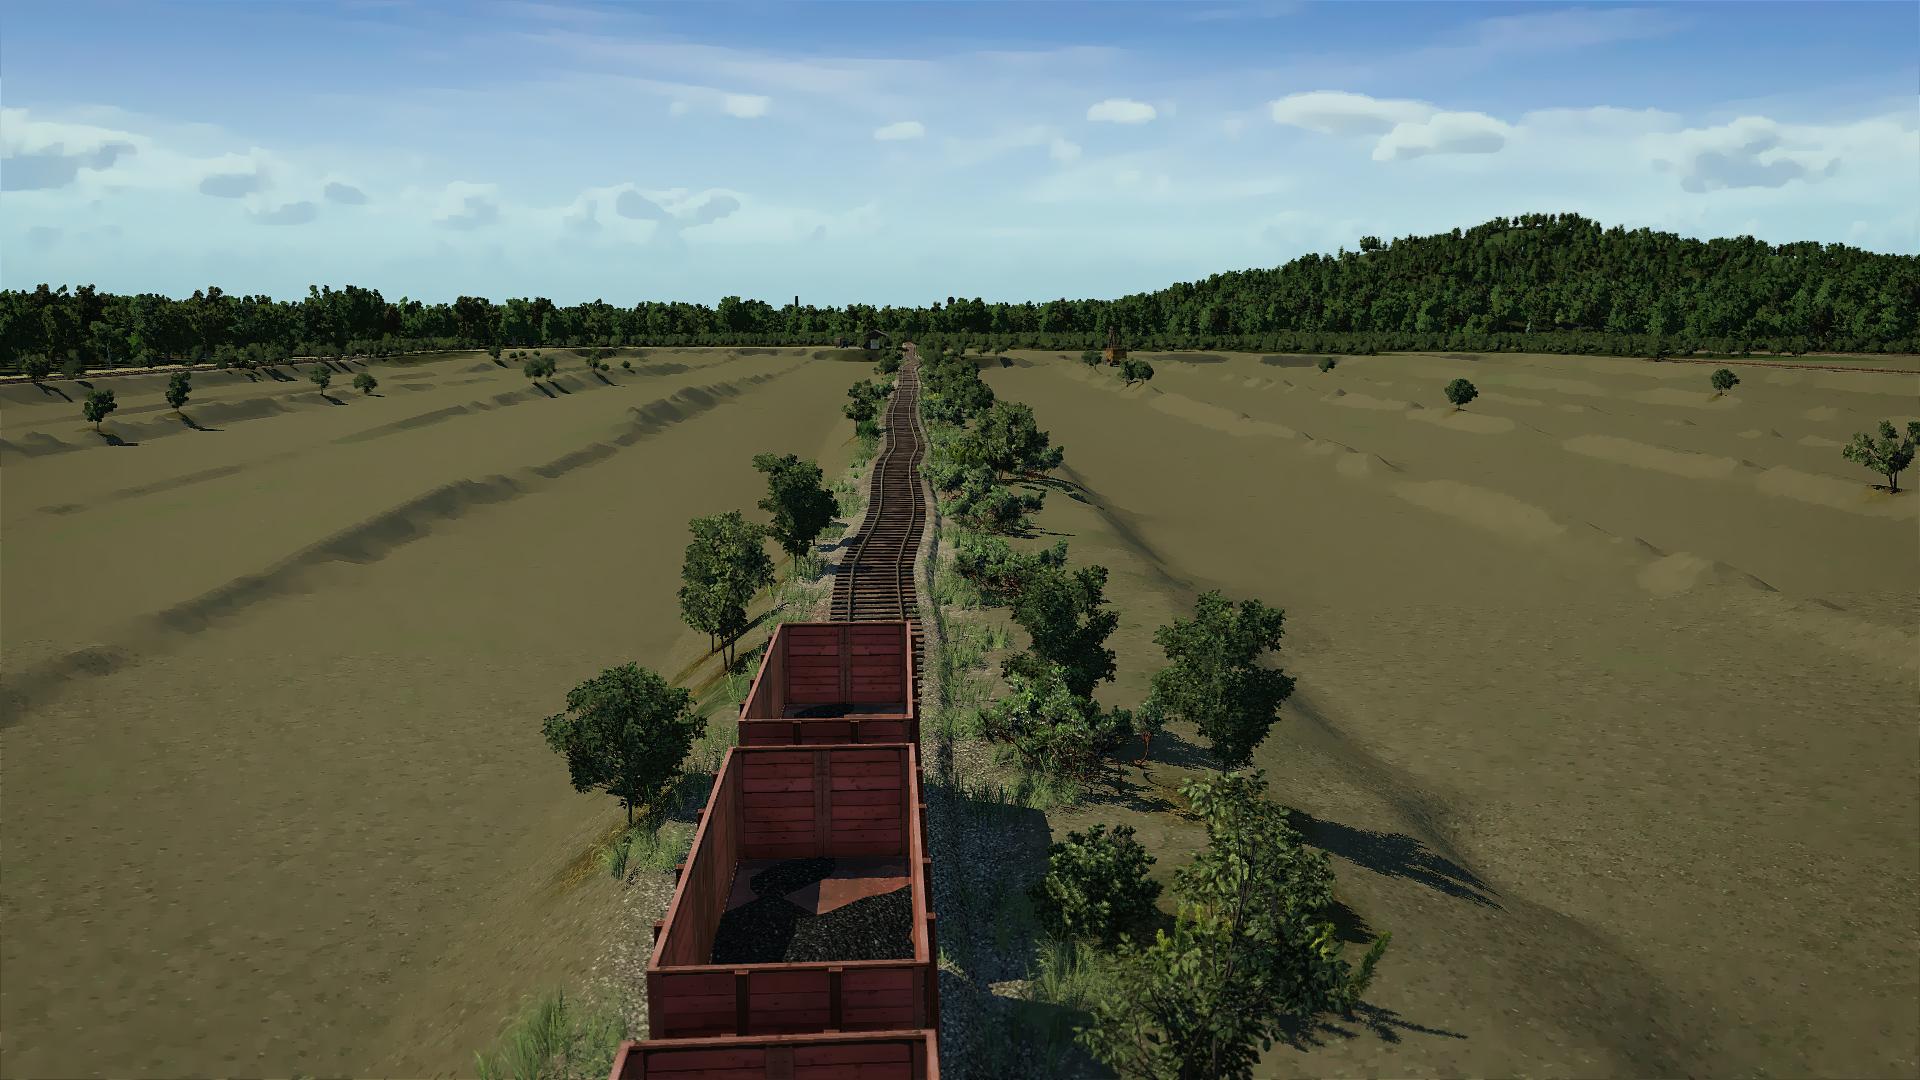 Bockerlbahn_Weidmoos_Modellbahn_005.jpg